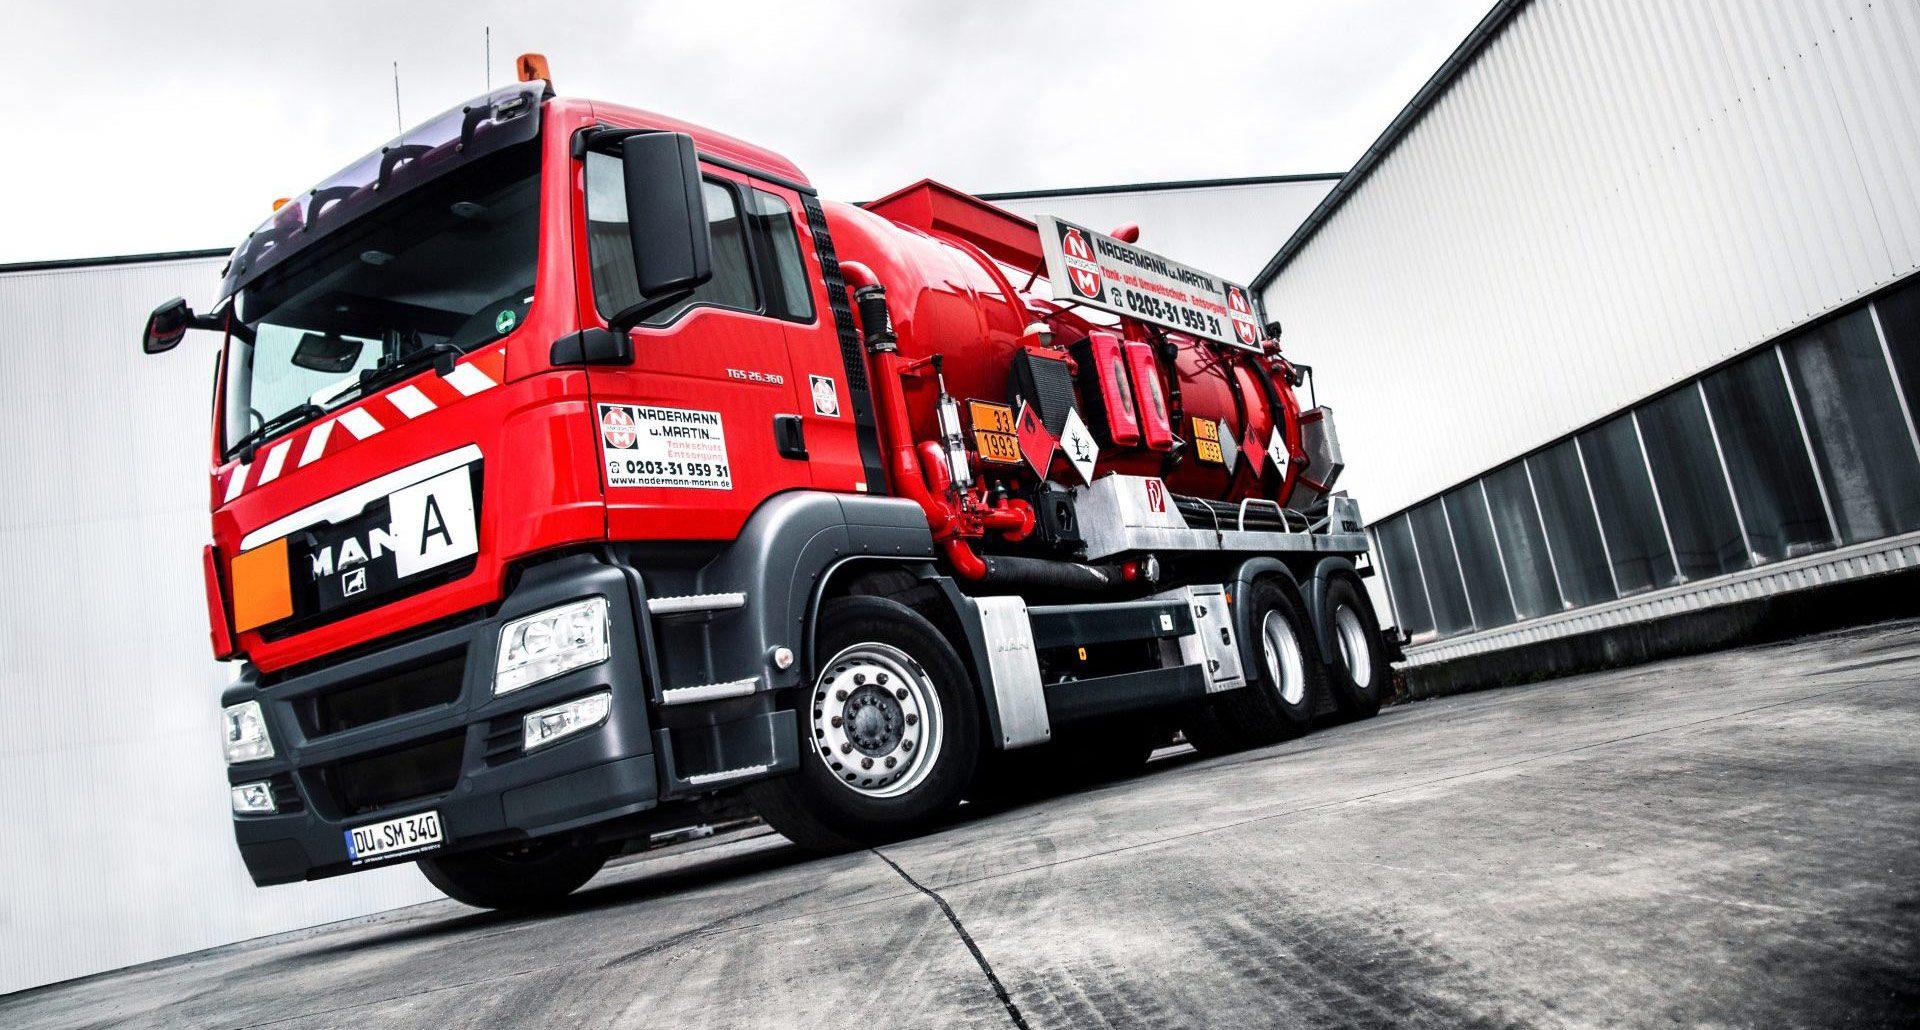 Nadermann und Martin GmbH - Saug-Druckfahrzeug